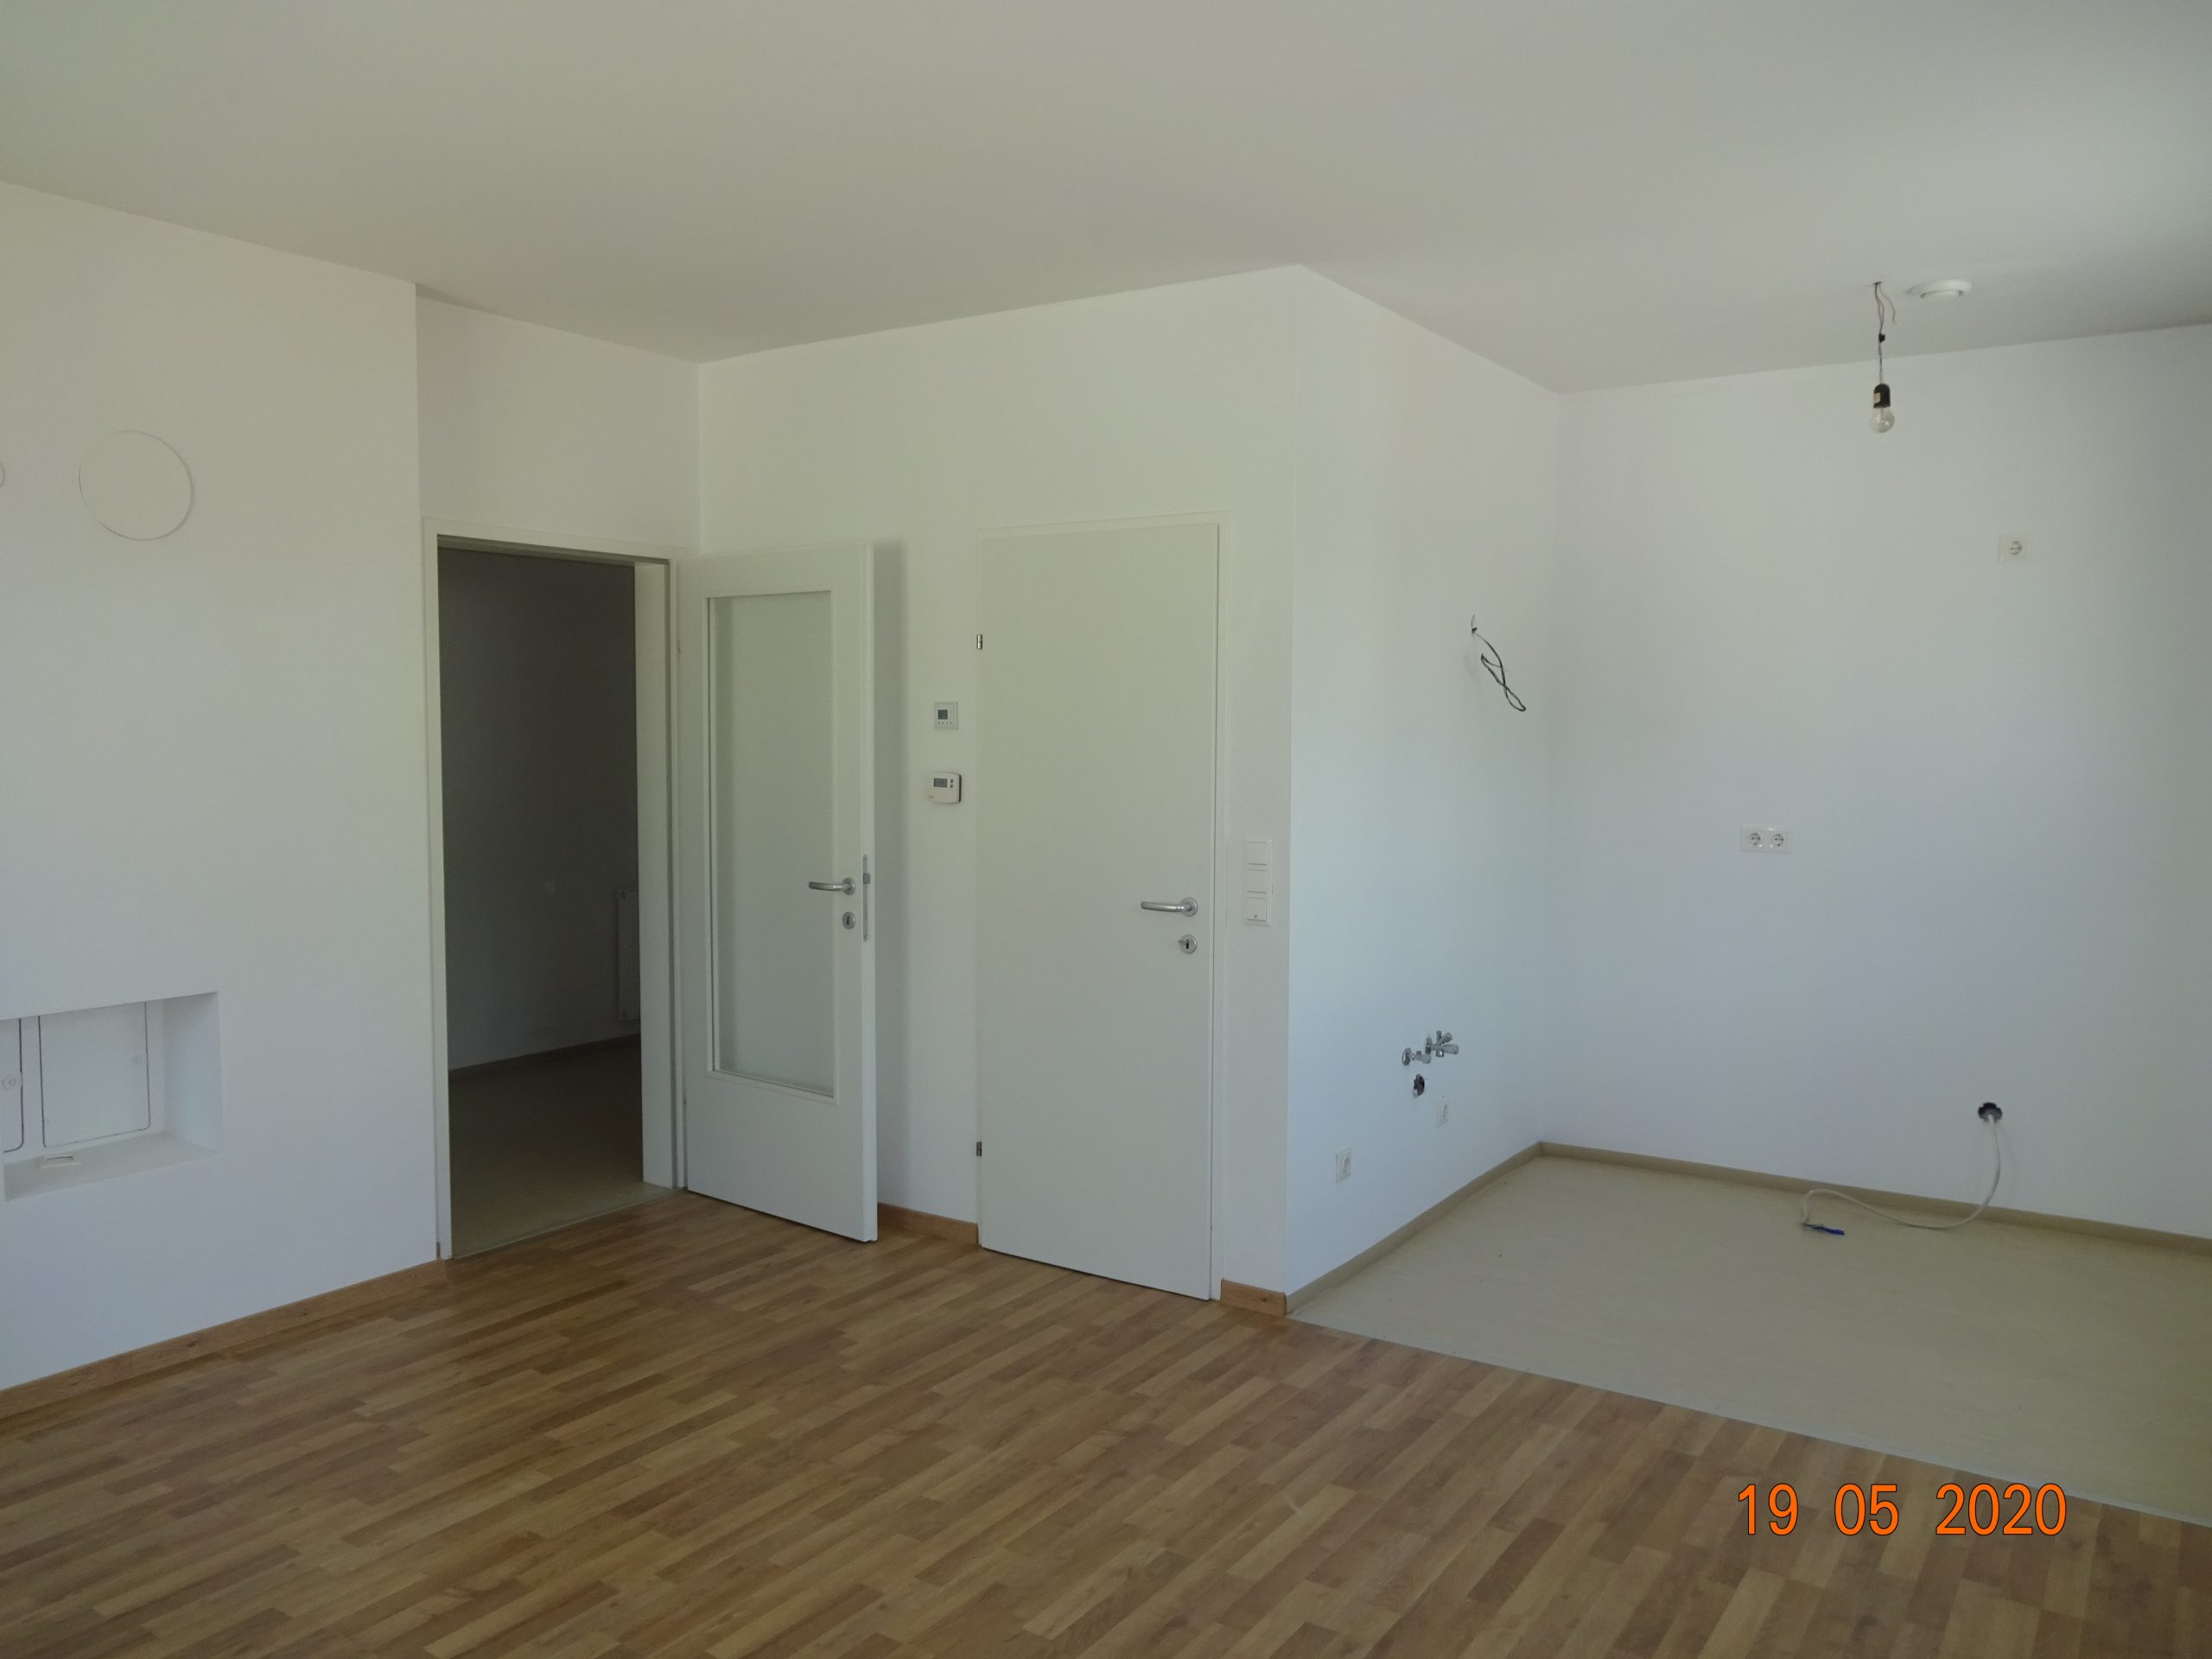 Immobilie von Kamptal in 3925 Arbesbach, Zwettl, Arbesbach II - Top 6 #0